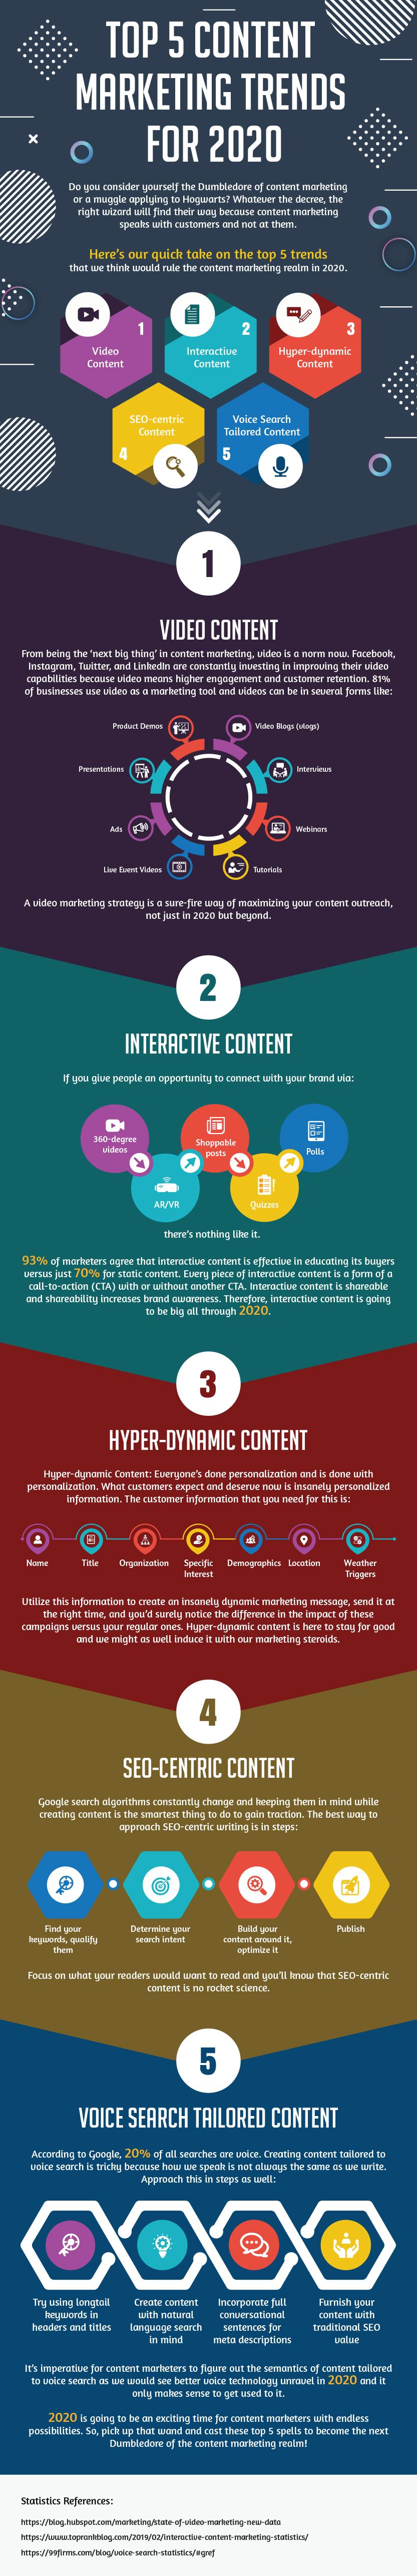 Top 5 Content Trends JPEG